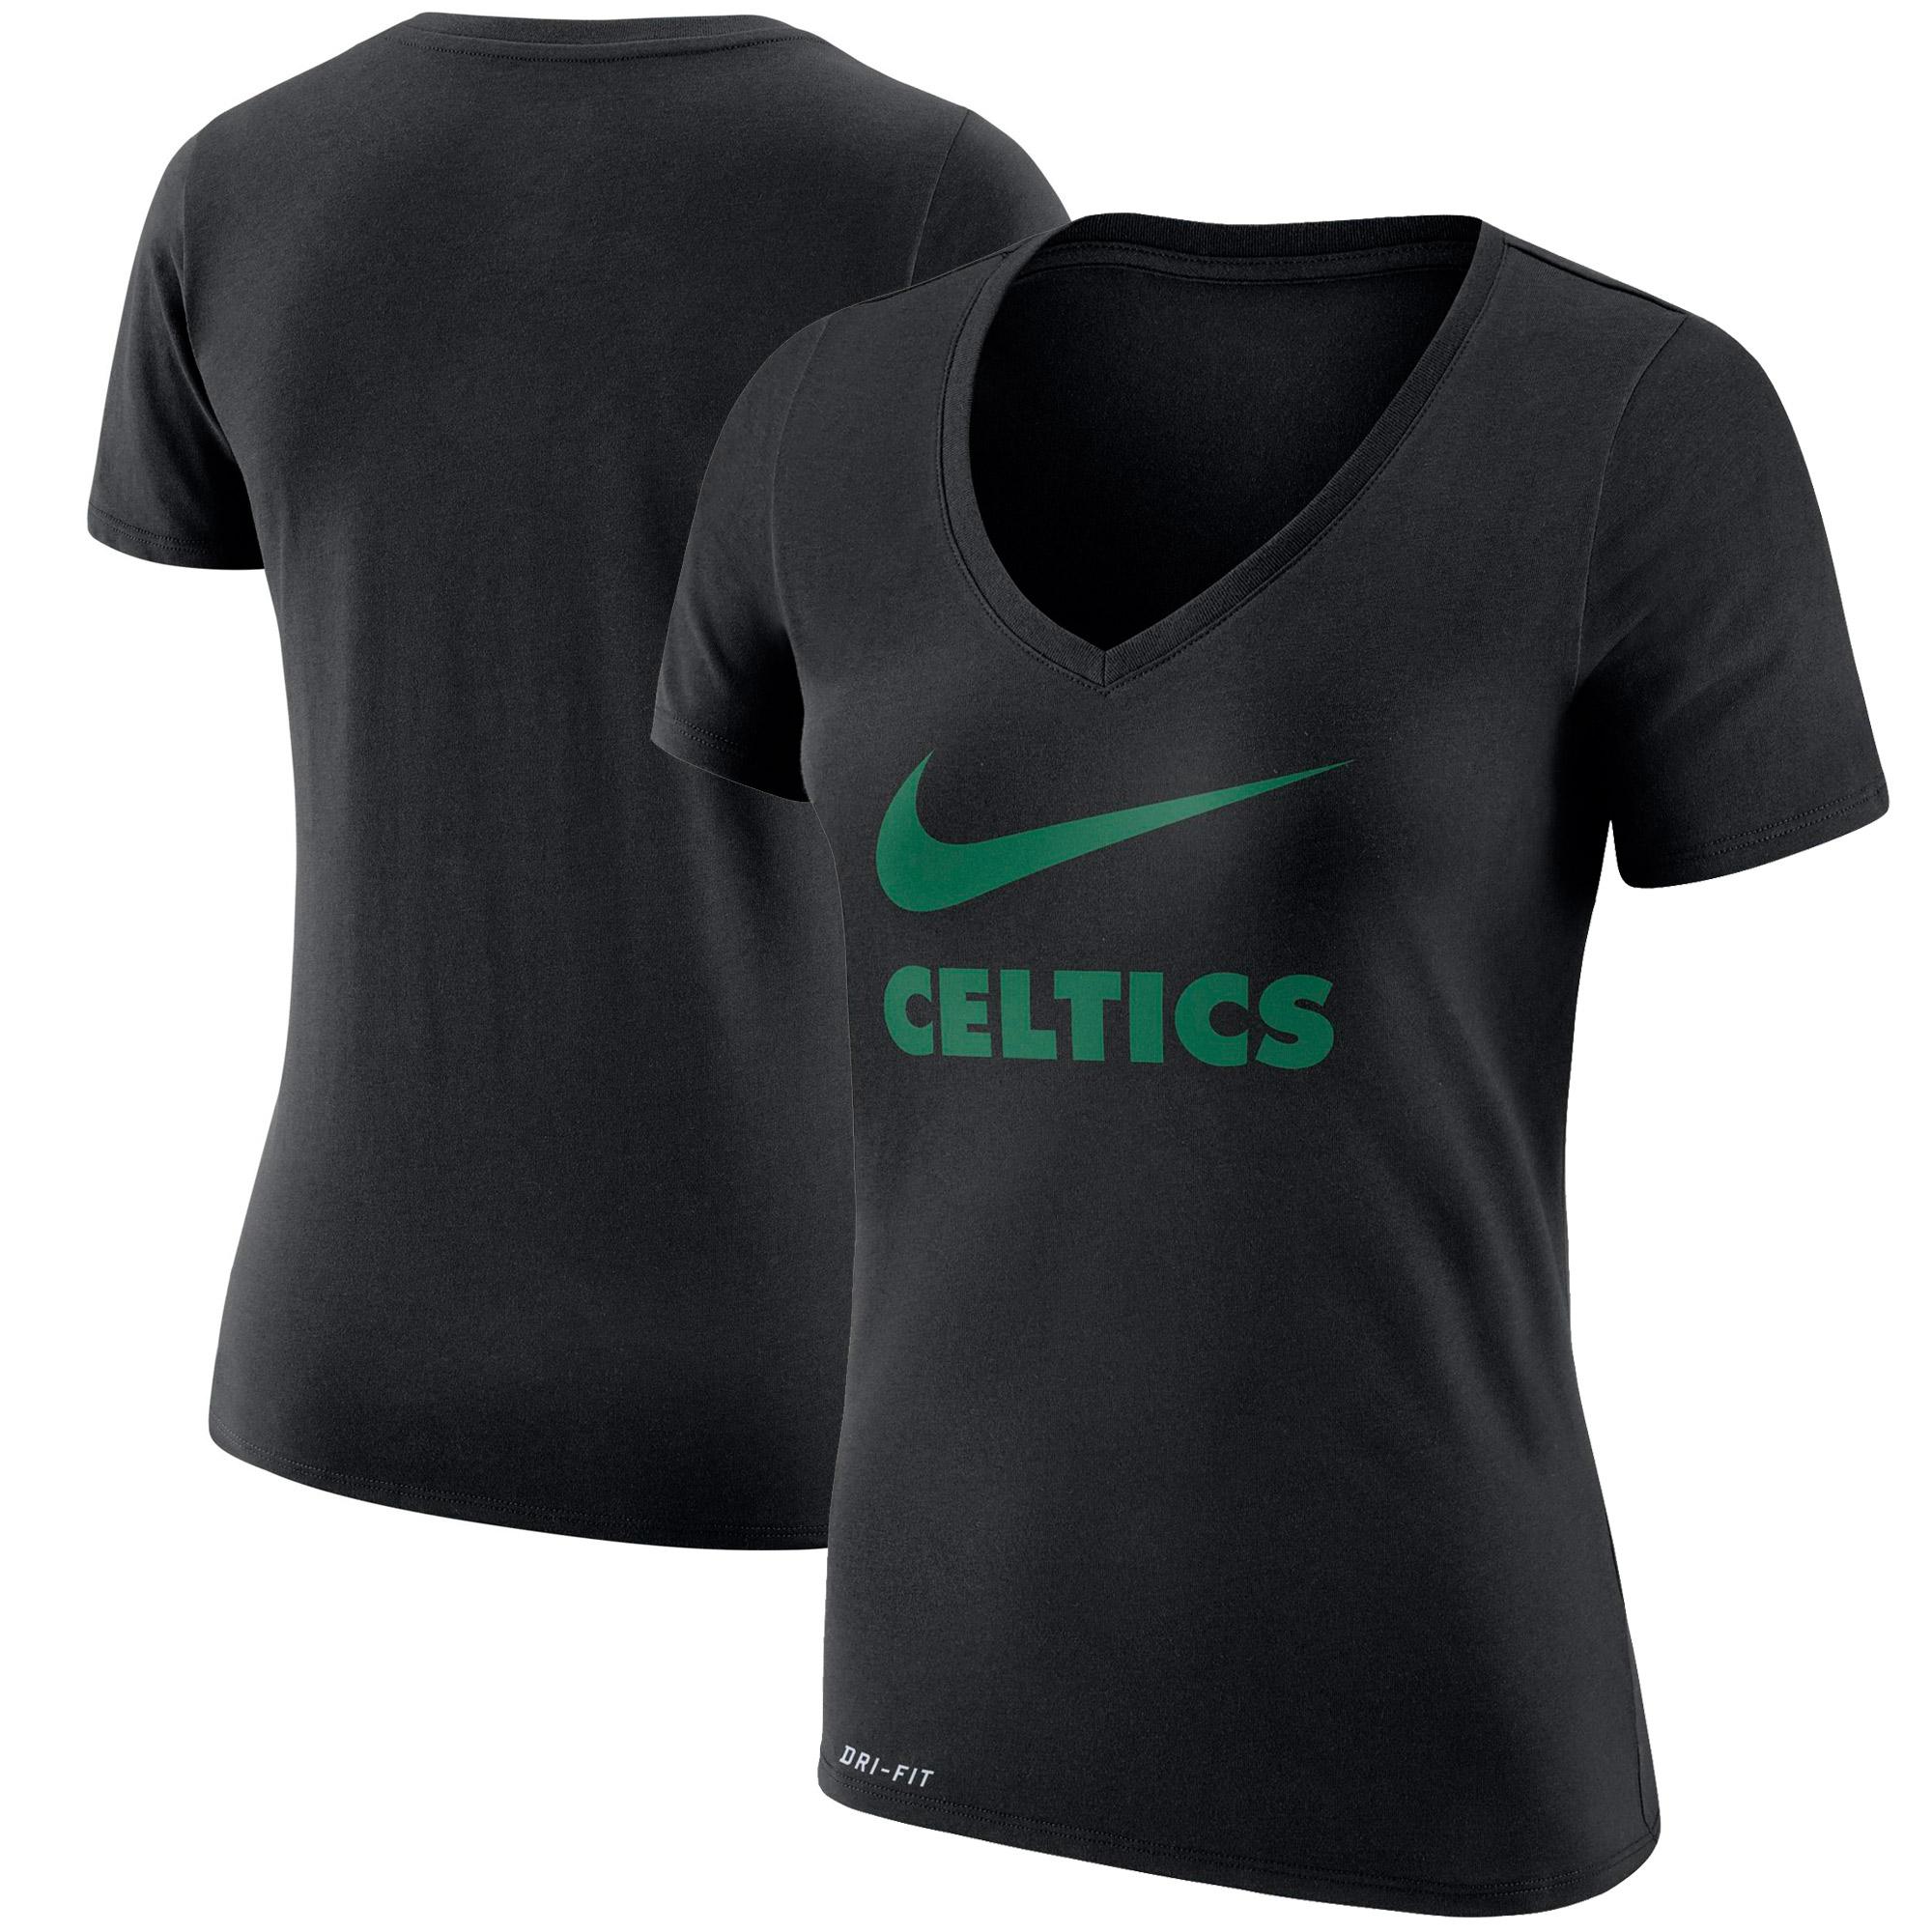 Boston Celtics Nike Women's Swoosh V-Neck T-Shirt - Black